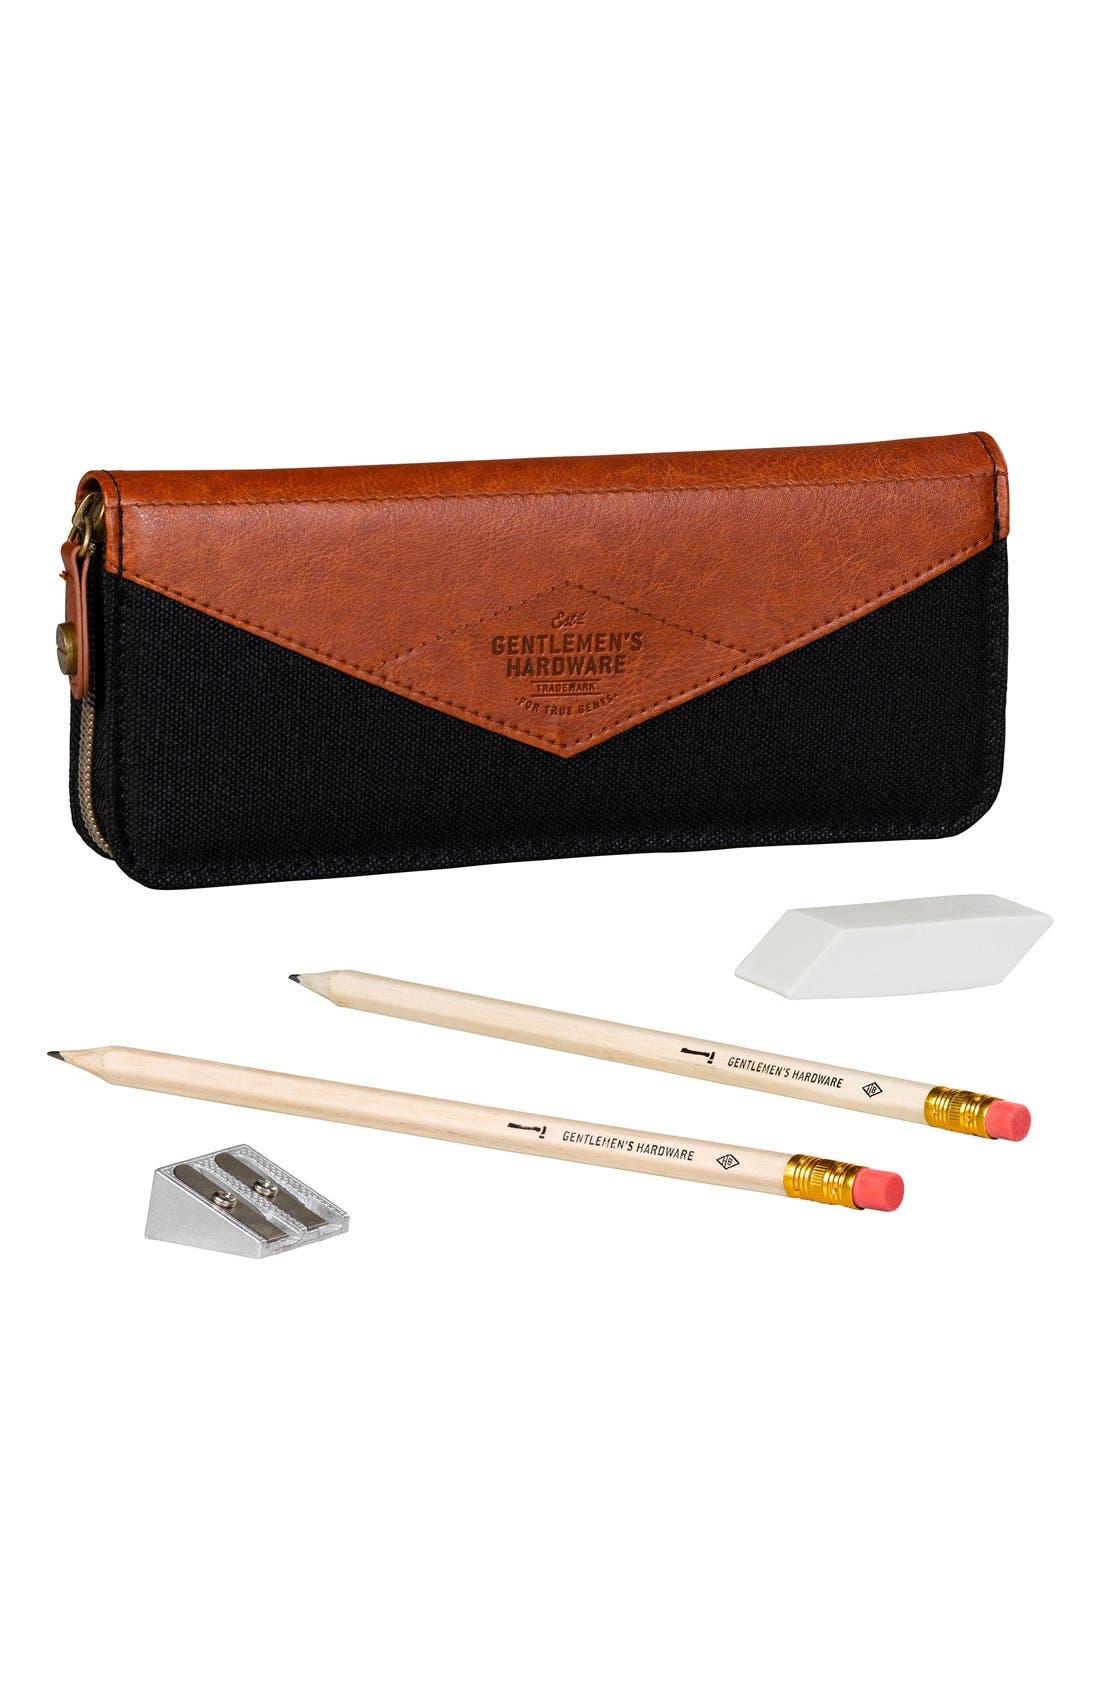 Main Image - Wild and Wolf Gentlemen's Hardware Pencil Case, Pencils, Sharpener & Eraser